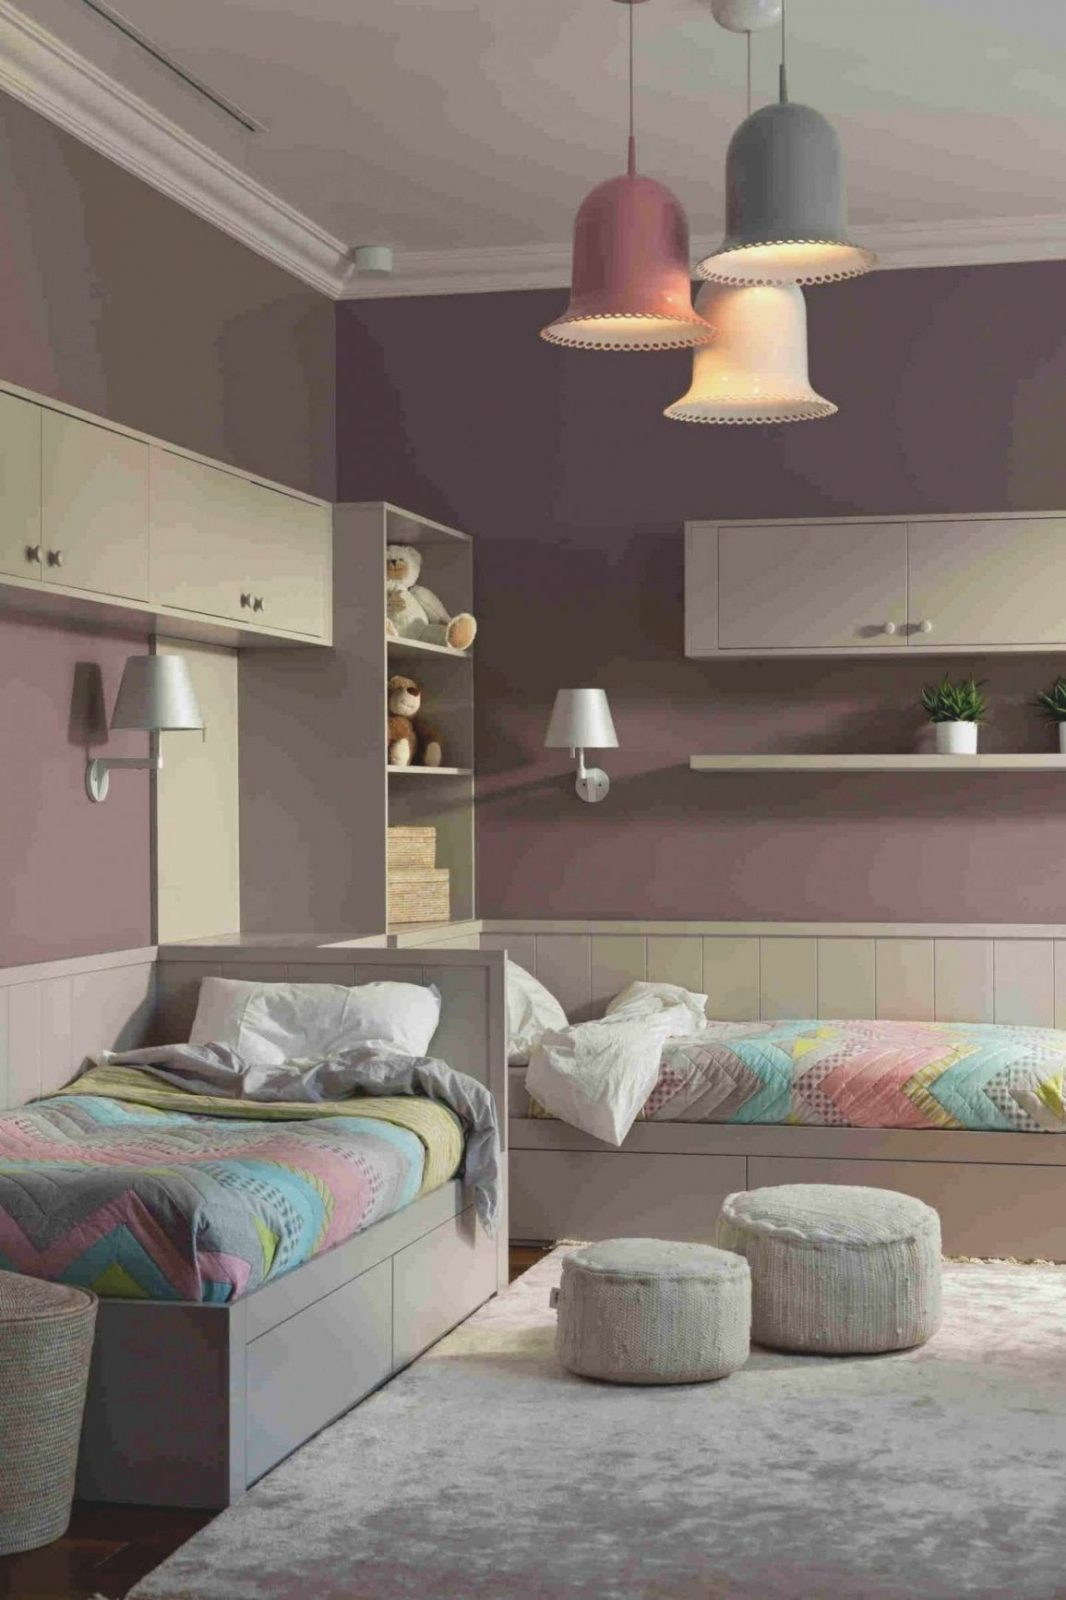 Tapeten Schlafzimmer Ideen Frisch Design Tapeten Schlafzimmer Frisch von Tapeten Design Ideen Schlafzimmer Photo